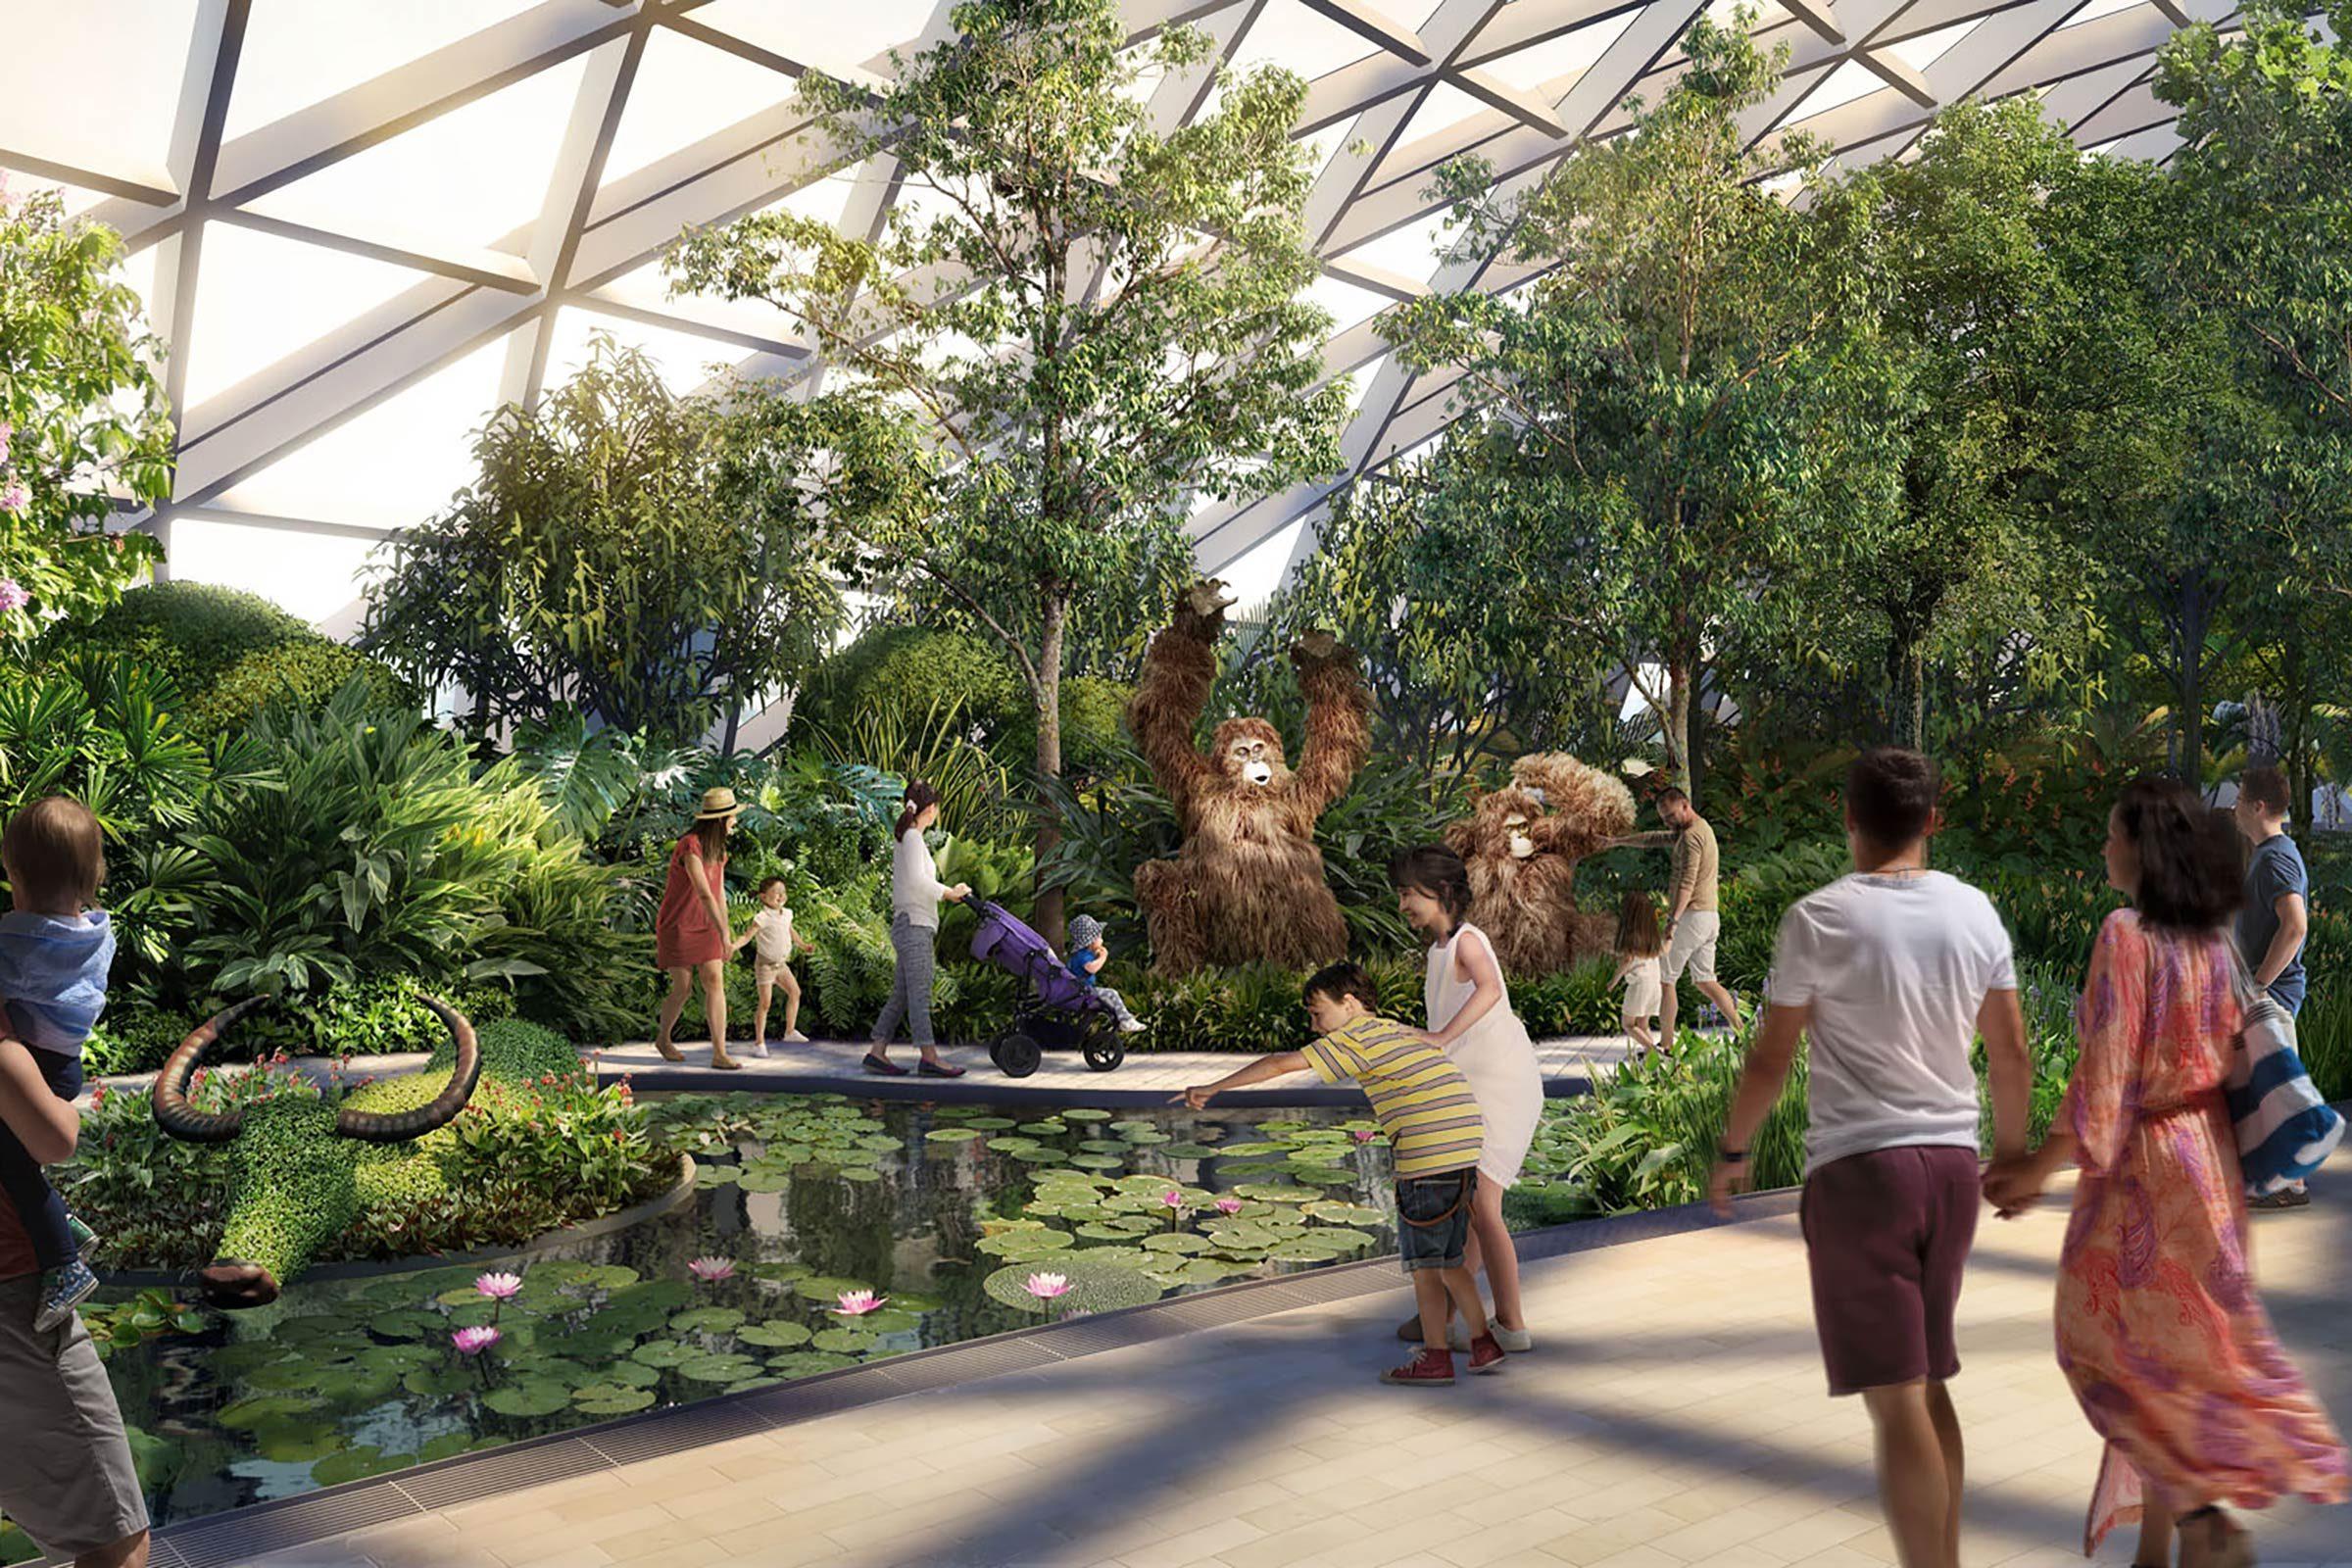 Aéroport Changi: un jardin botanique à l'intérieur